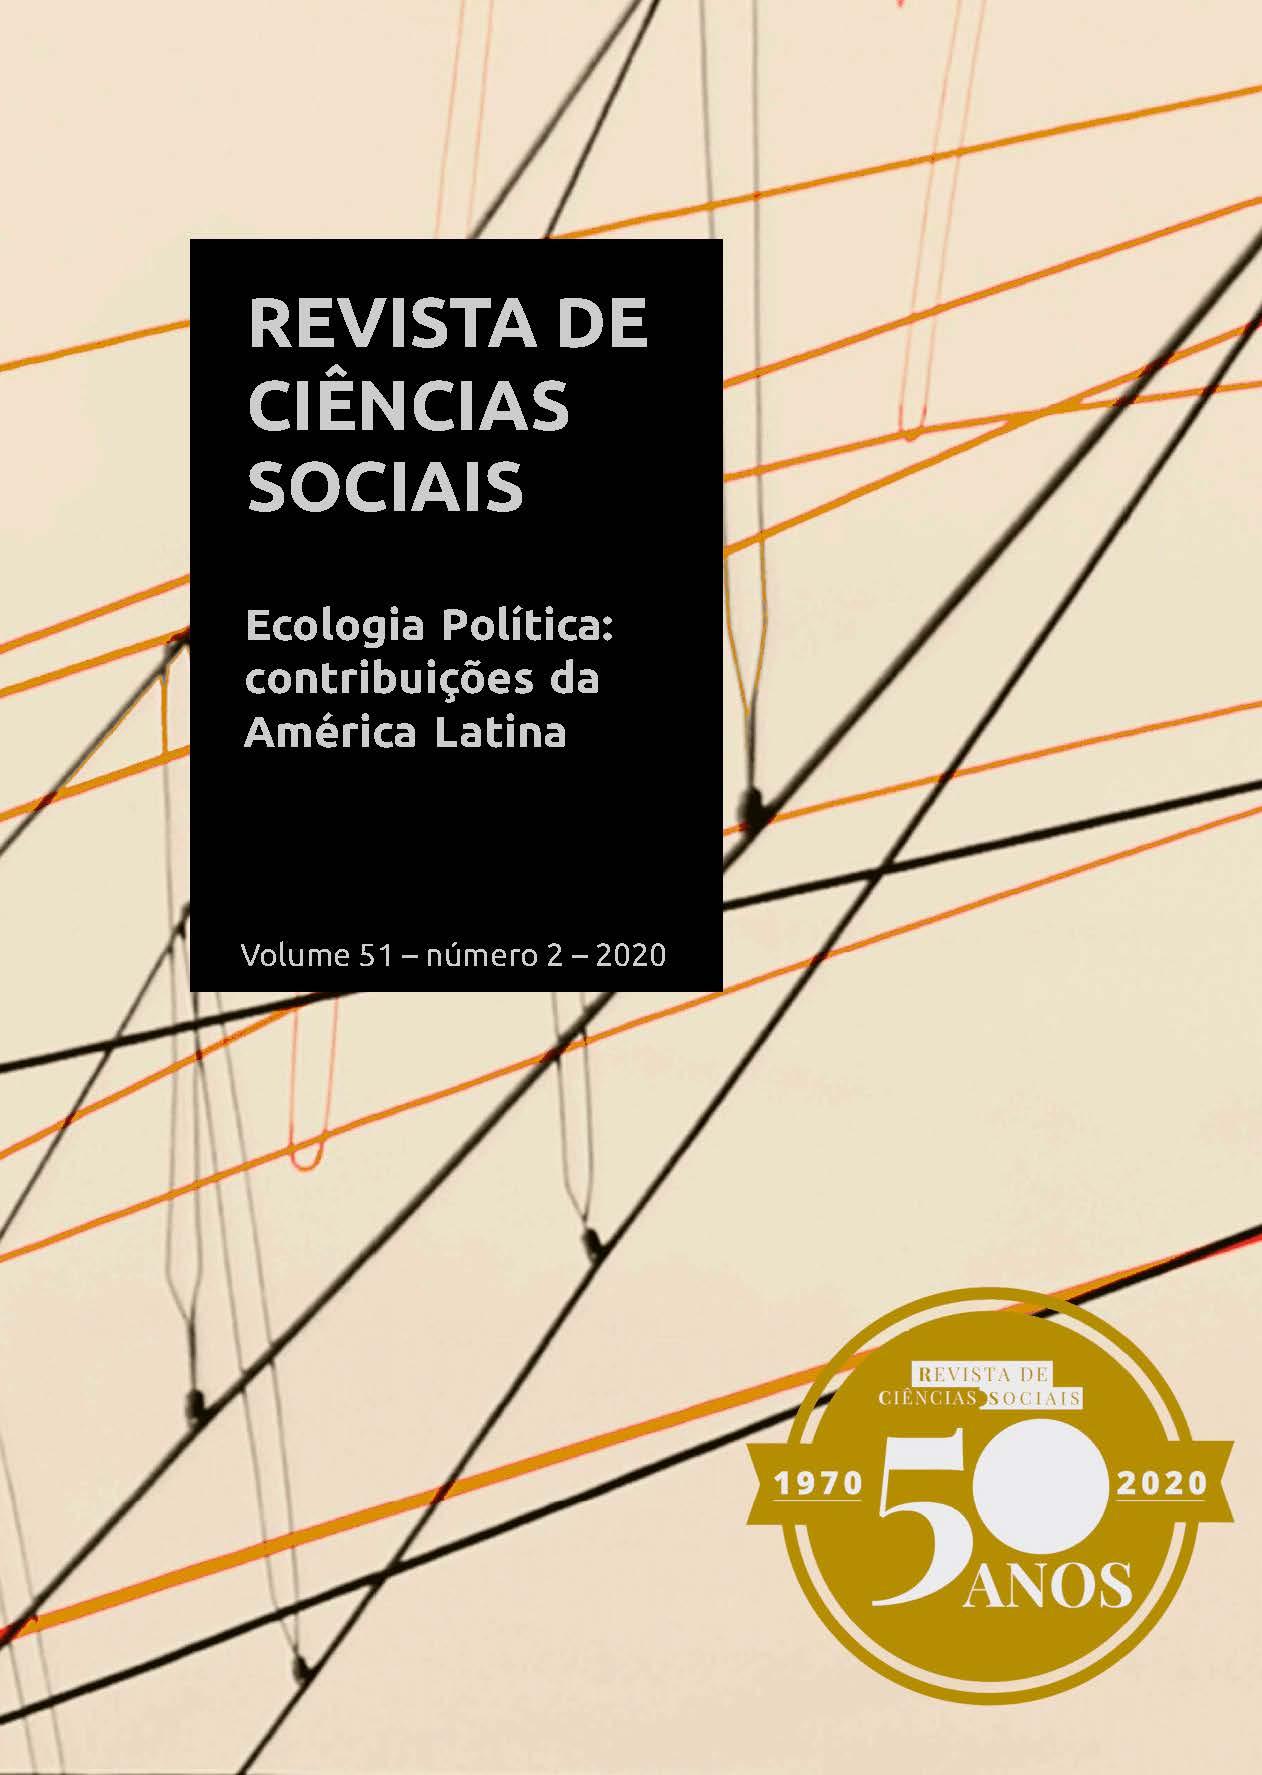 ´Revista de Ciências Sociais - Dossiê Ecologia Política